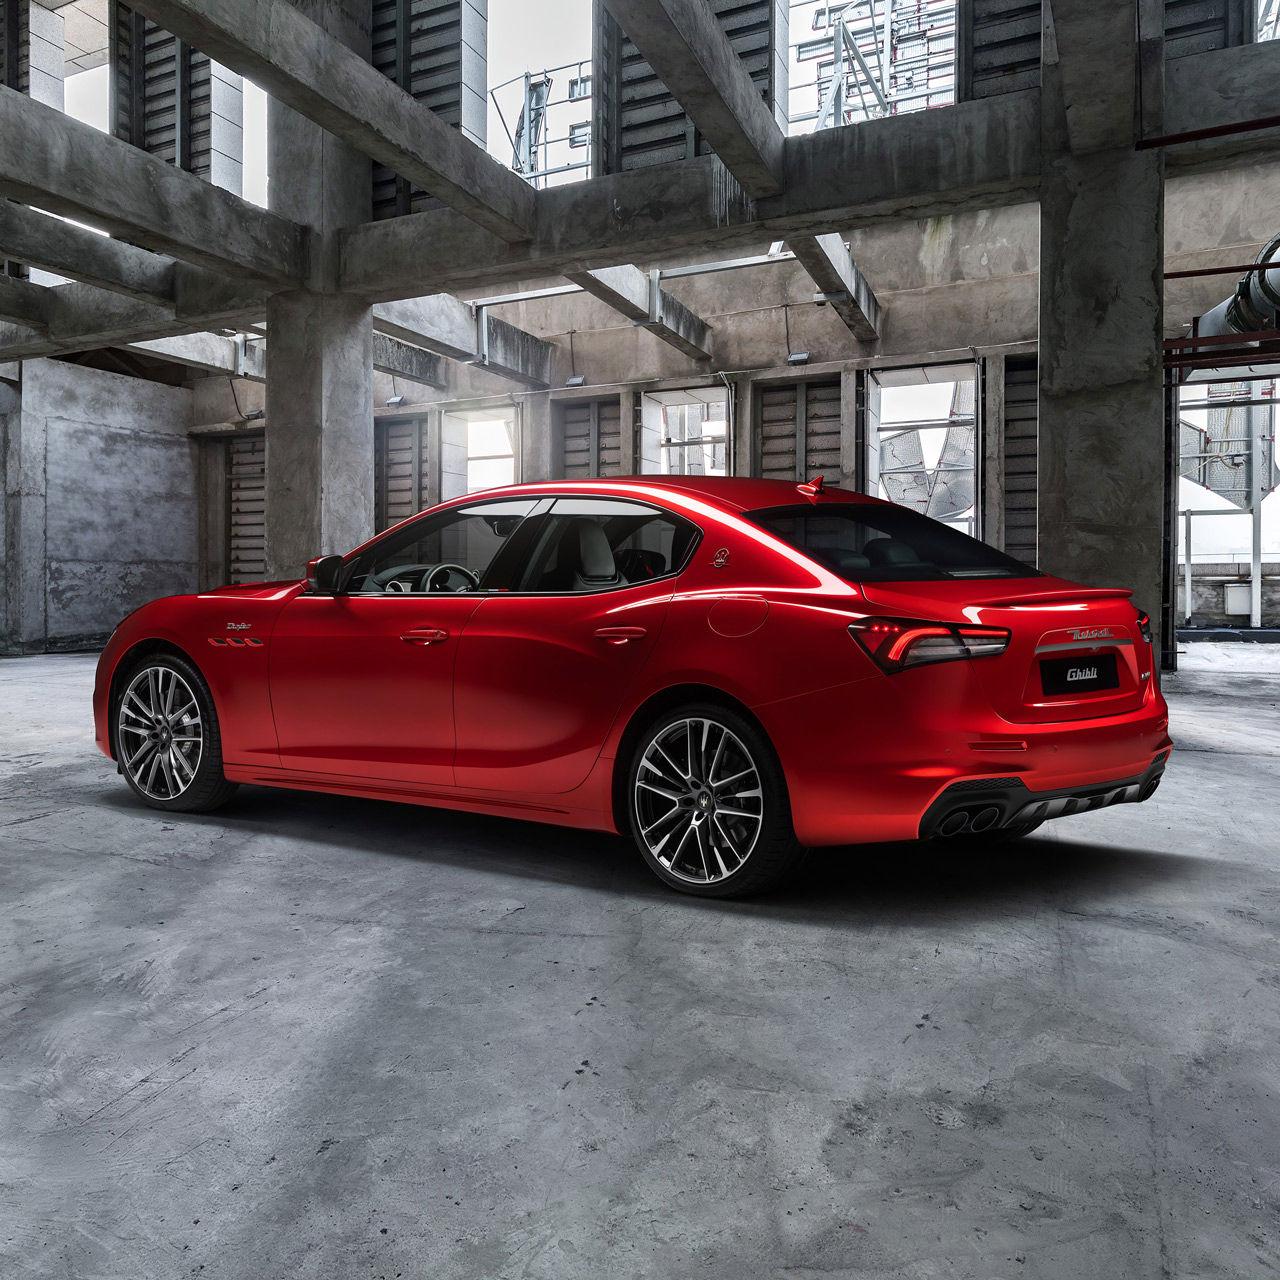 Maserati Ghibli Trofeo - Rot - Parkend, von der Seite